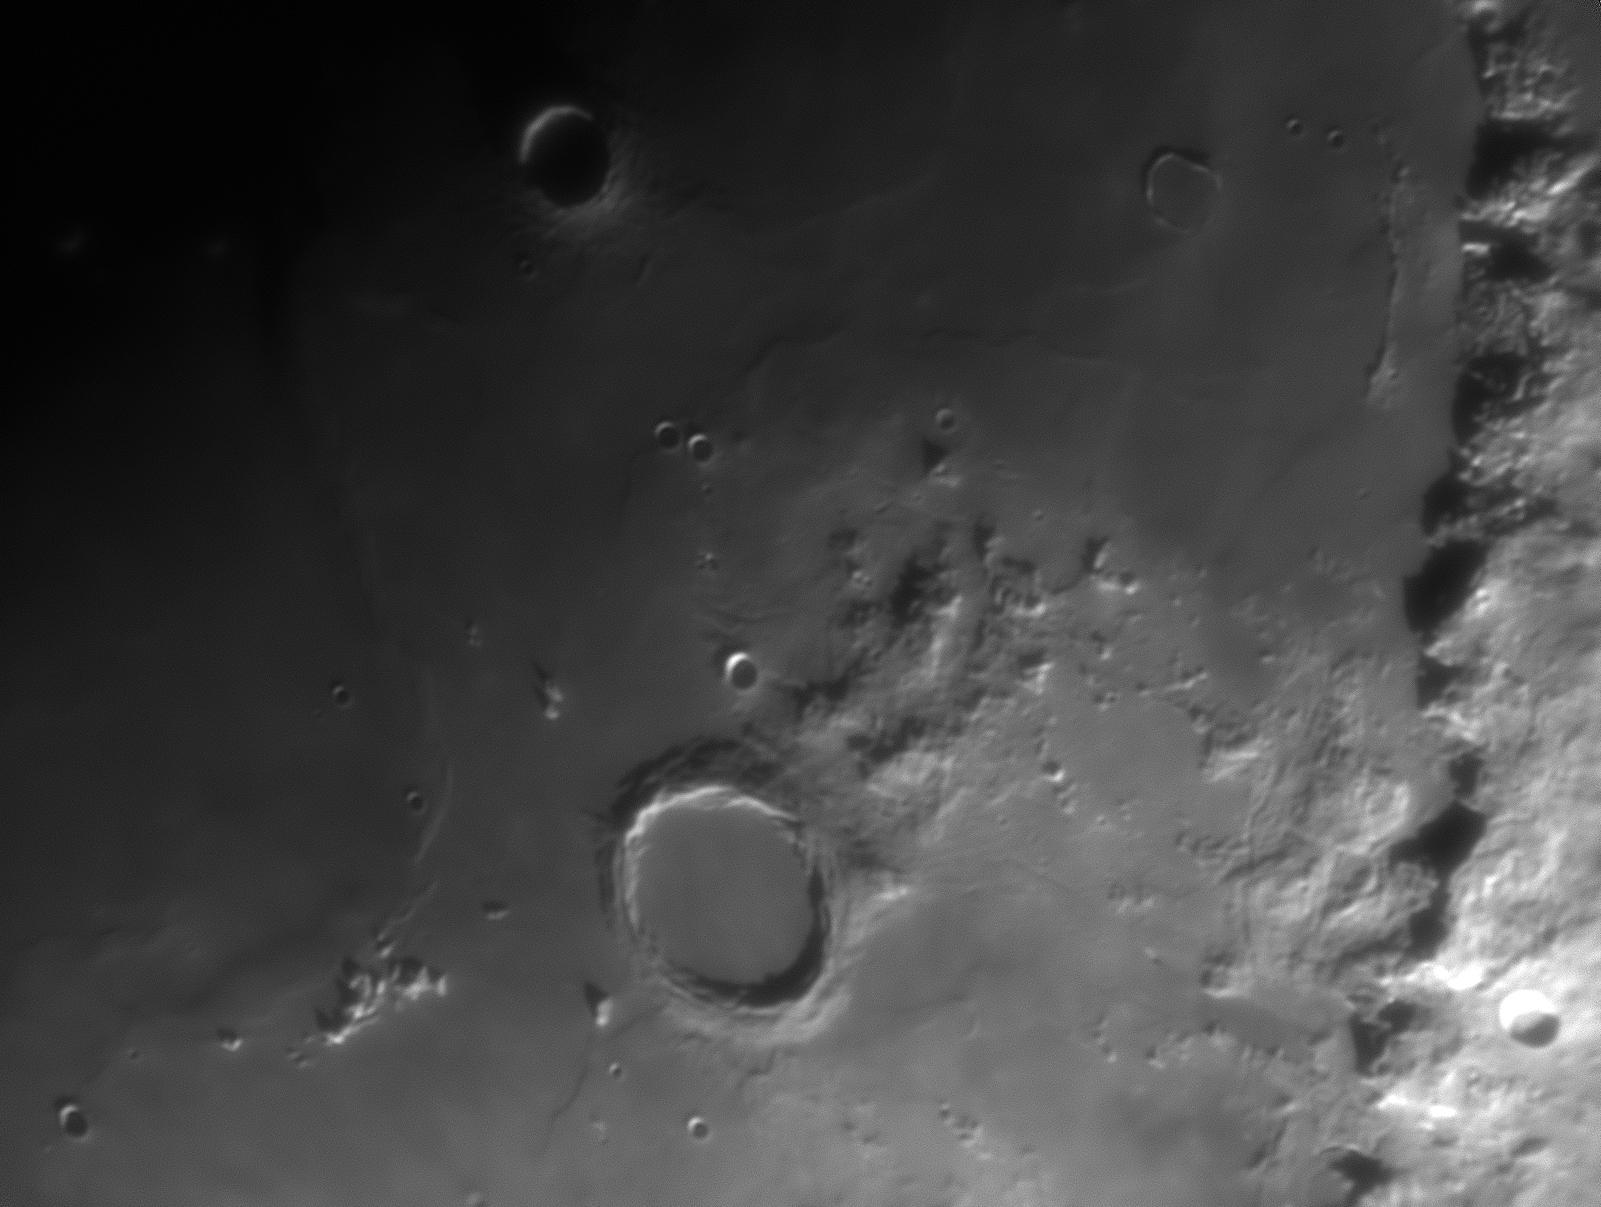 Archimedes_2021MAR22_19_48_13.jpg